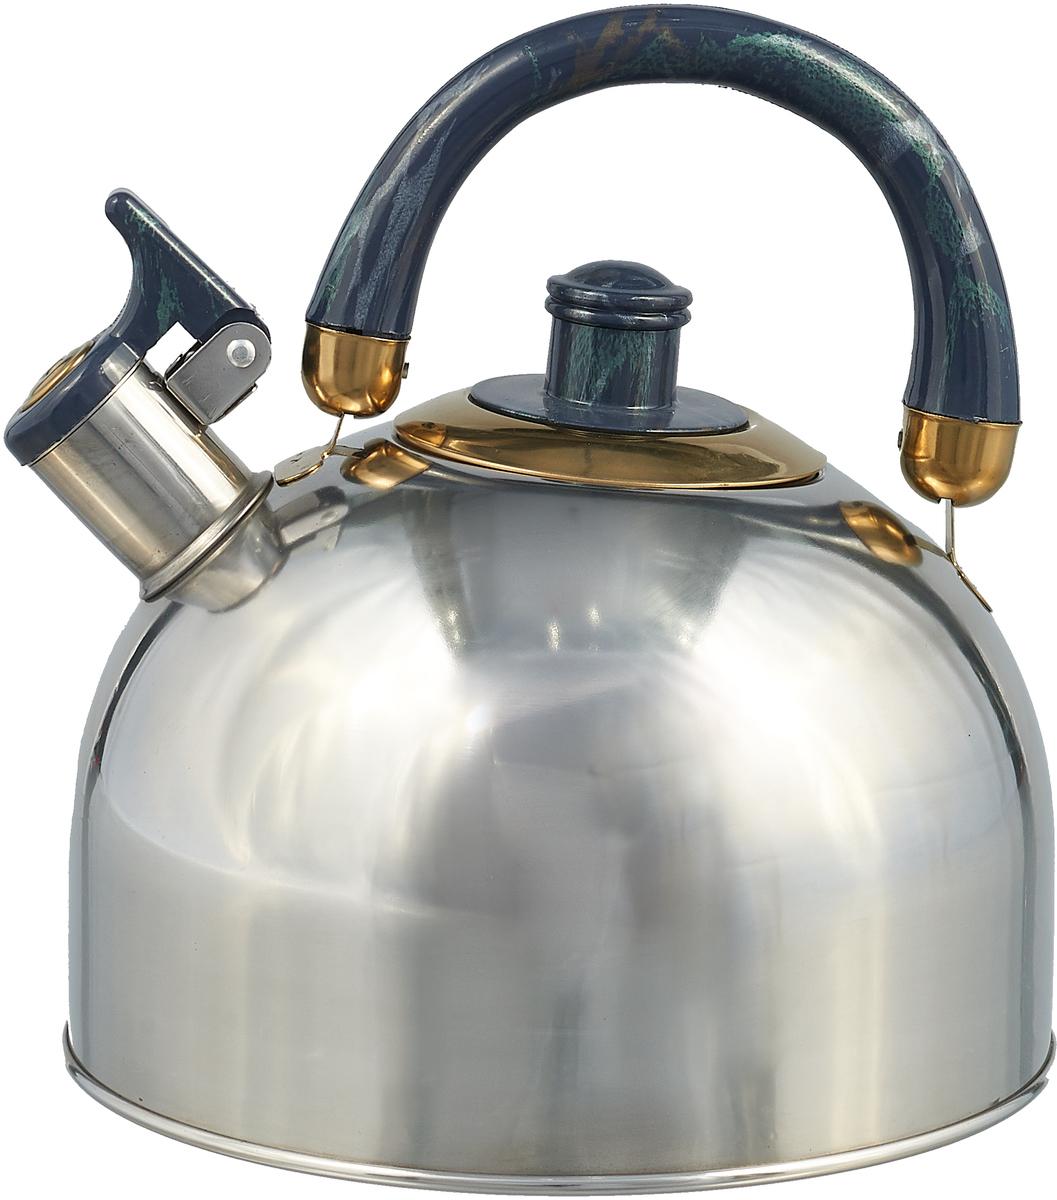 Чайник Rainstahl, со свистком, цвет: темно-синий, 3,5 л7550-35 RS\WK_темно-синийЧайник Rainstahl, со свистком, цвет: темно-синий, 3,5 л